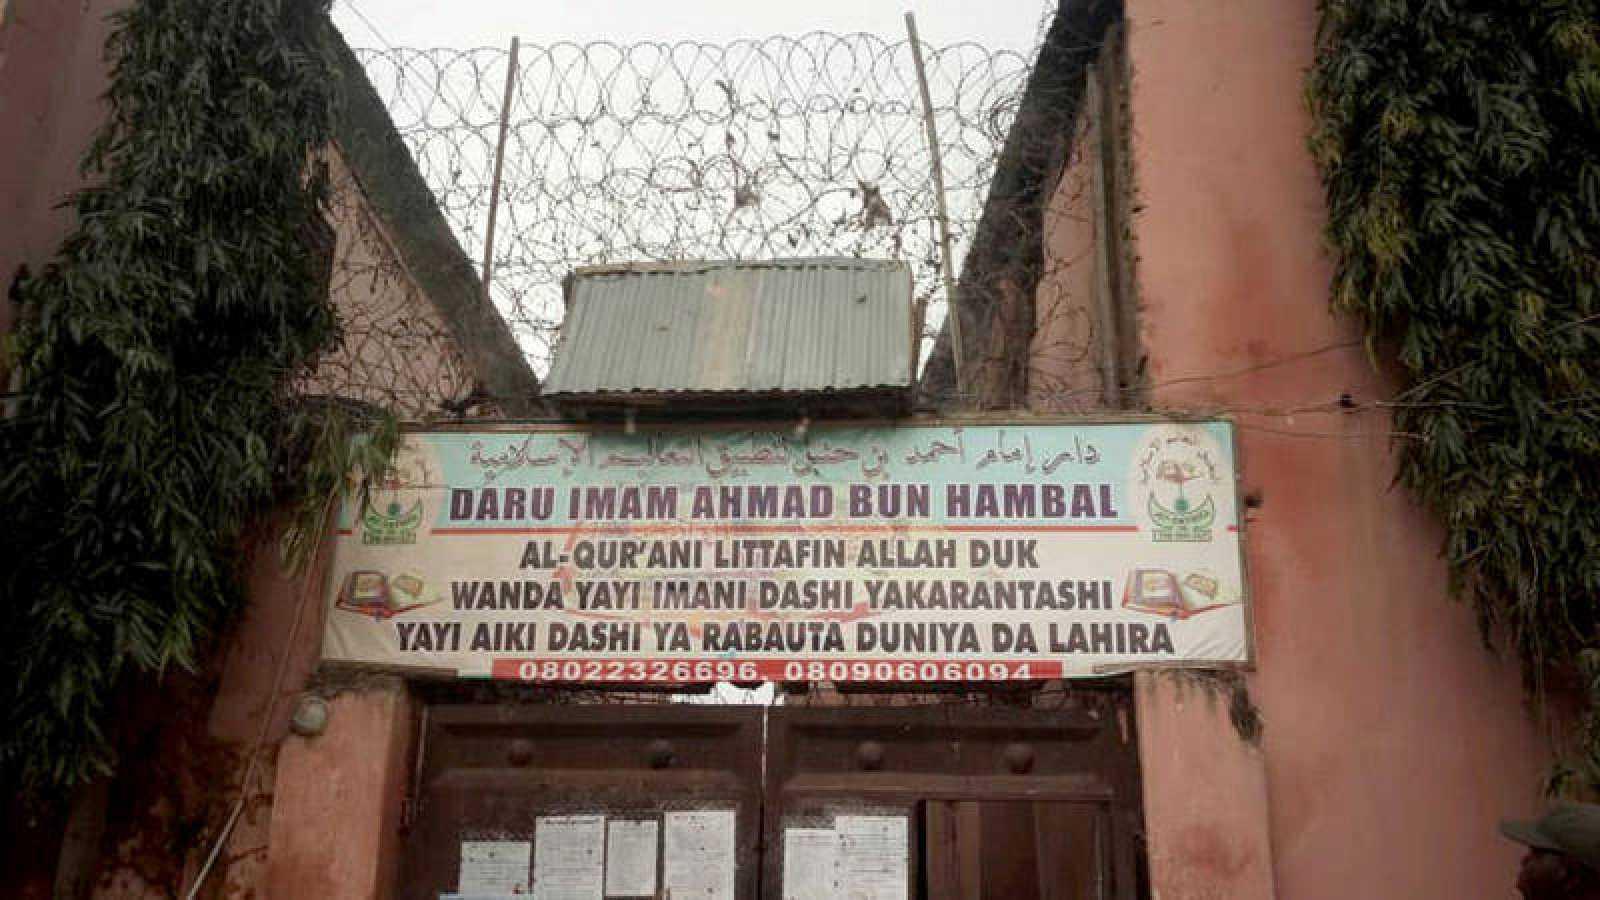 Imagen de la fachada de la supuesta escuela coránica dónde se han liberado a más de 300 personas encadenadas